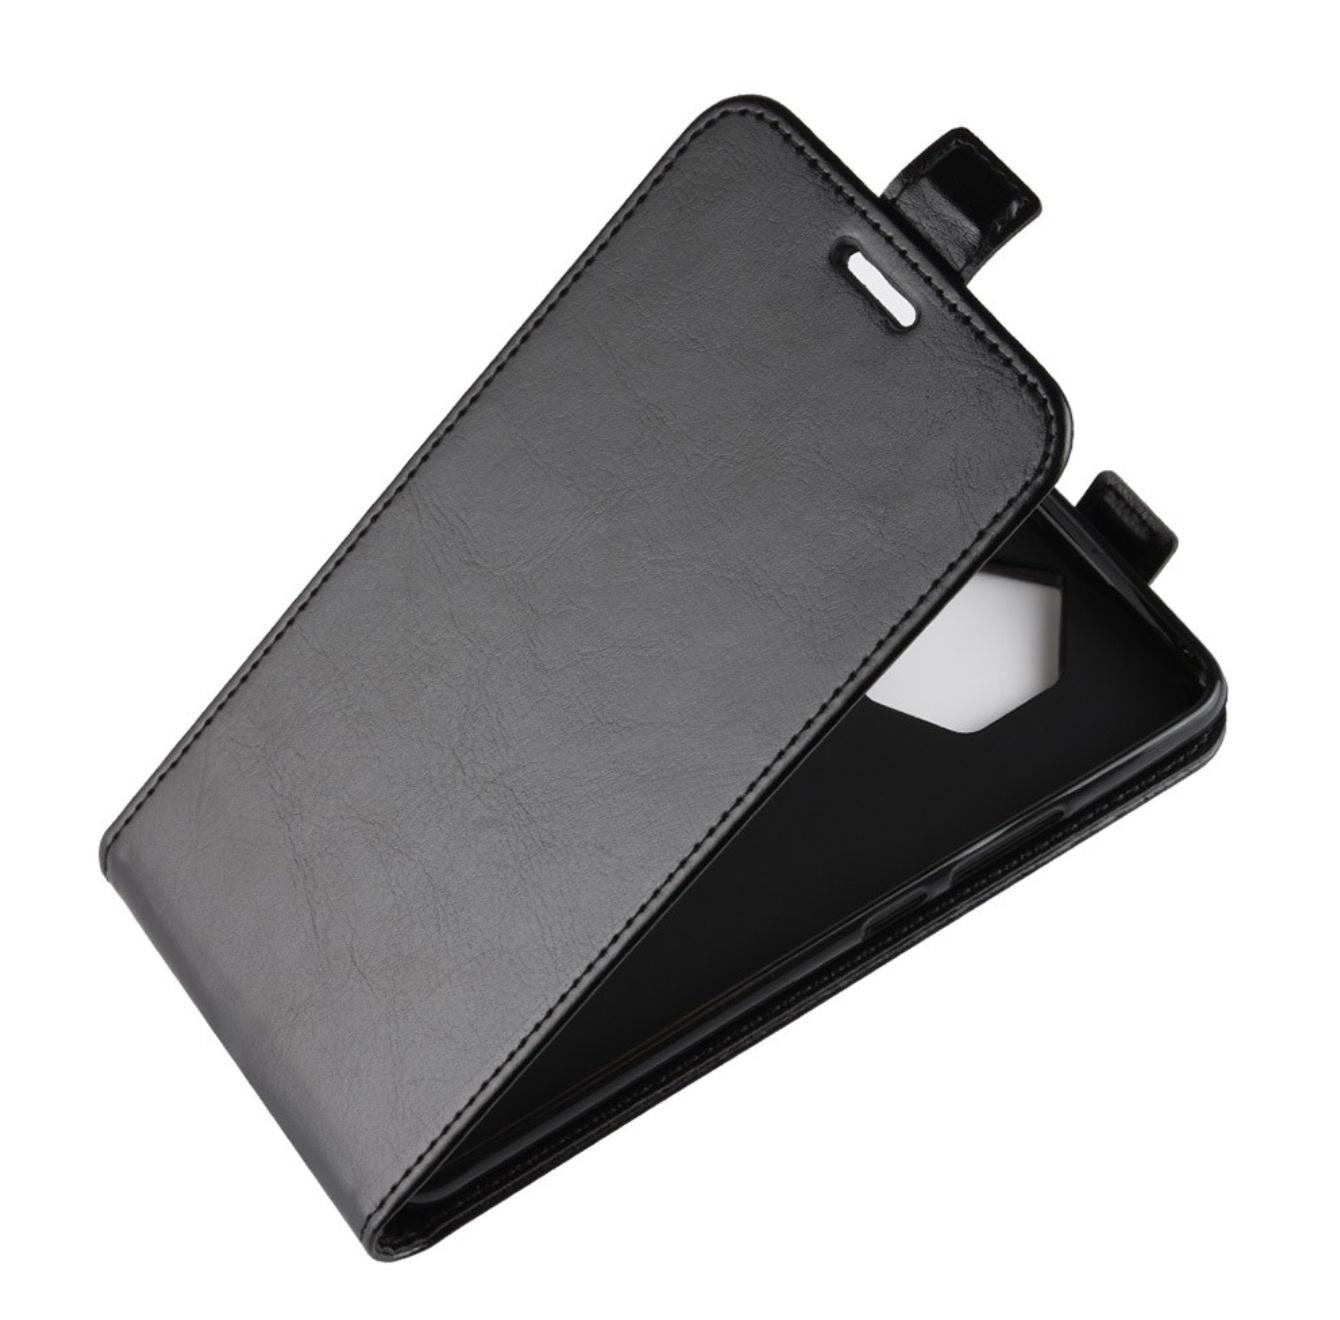 Чехол-флип MyPads для Nokia 3.1 вертикальный откидной черный